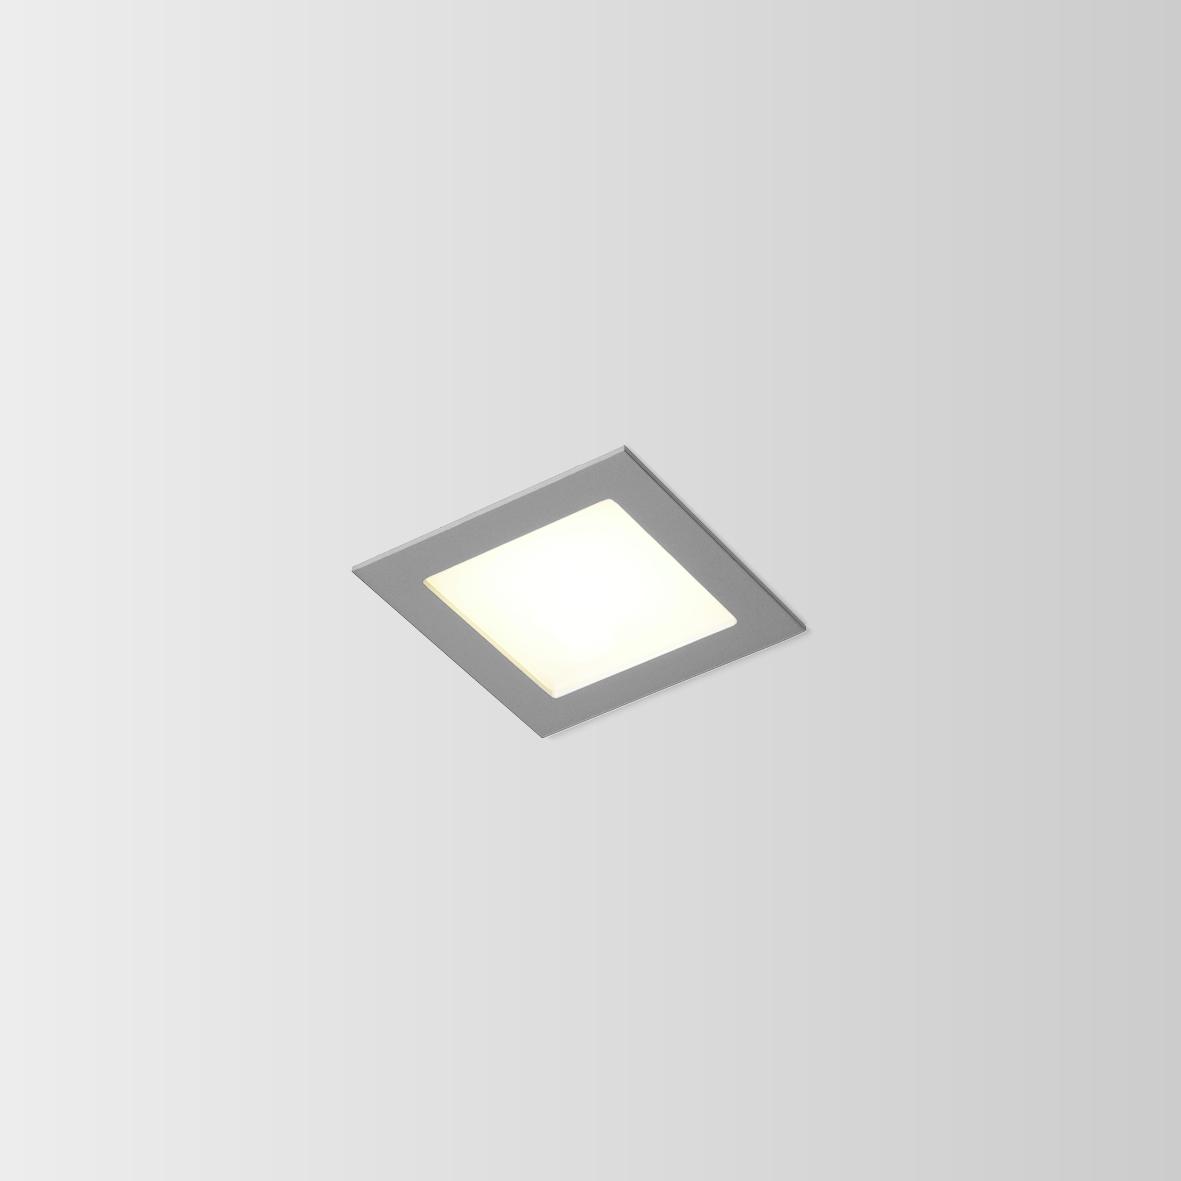 Lito 1.0 LED 2/3W 3000K 85CRI 350-500mA, Anodiseeritud Alumiinium